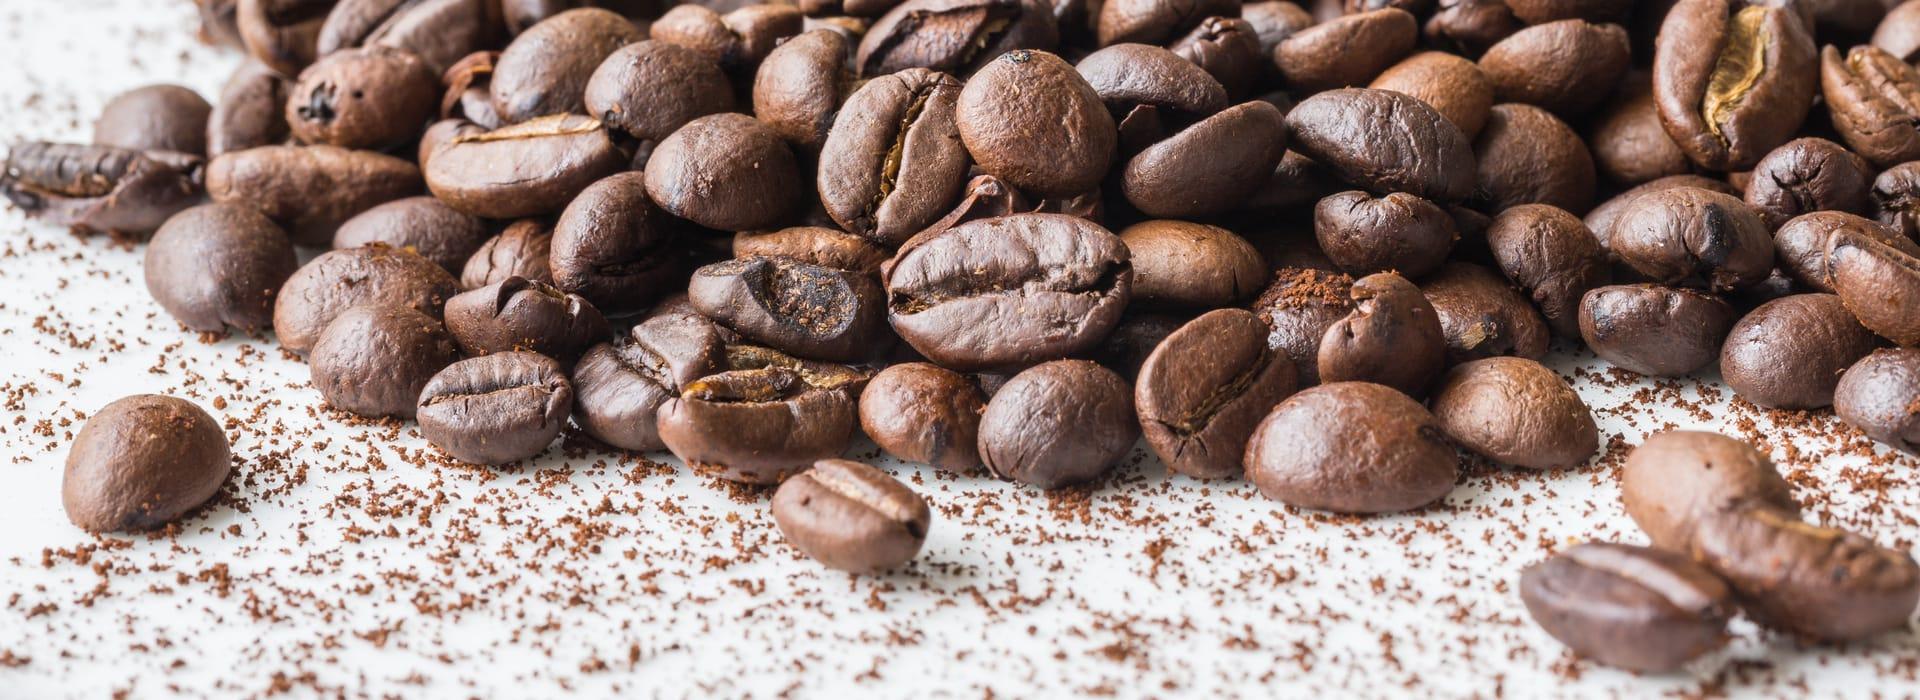 Italienischer Espresso und Kaffeebohnen Online Shop